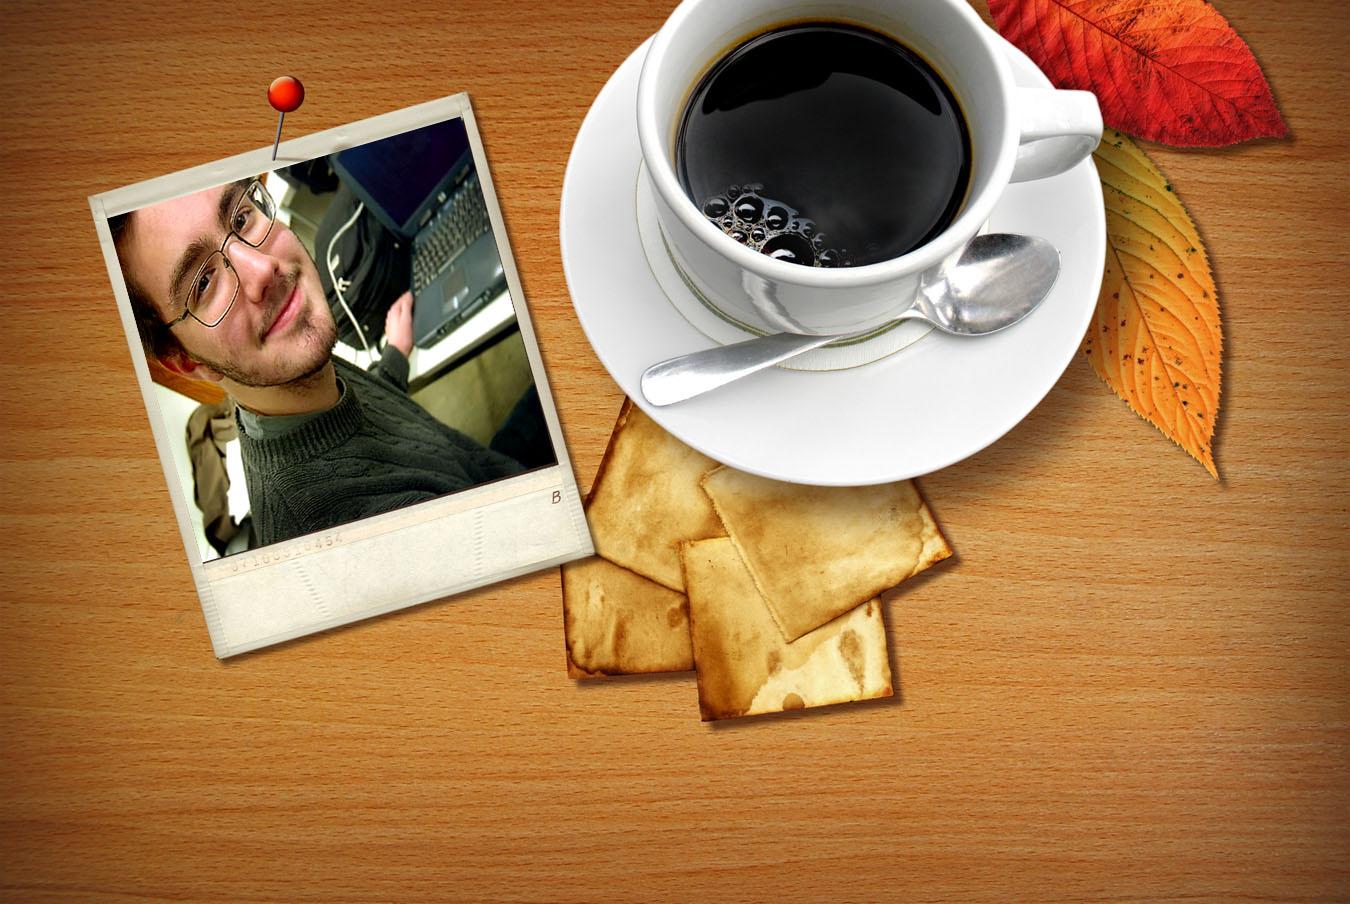 Как вставить одно изображение в другое в Фотошопе ...: http://www.kakprosto.ru/kak-71129-kak-vstavit-odno-izobrazhenie-v-drugoe-v-fotoshope